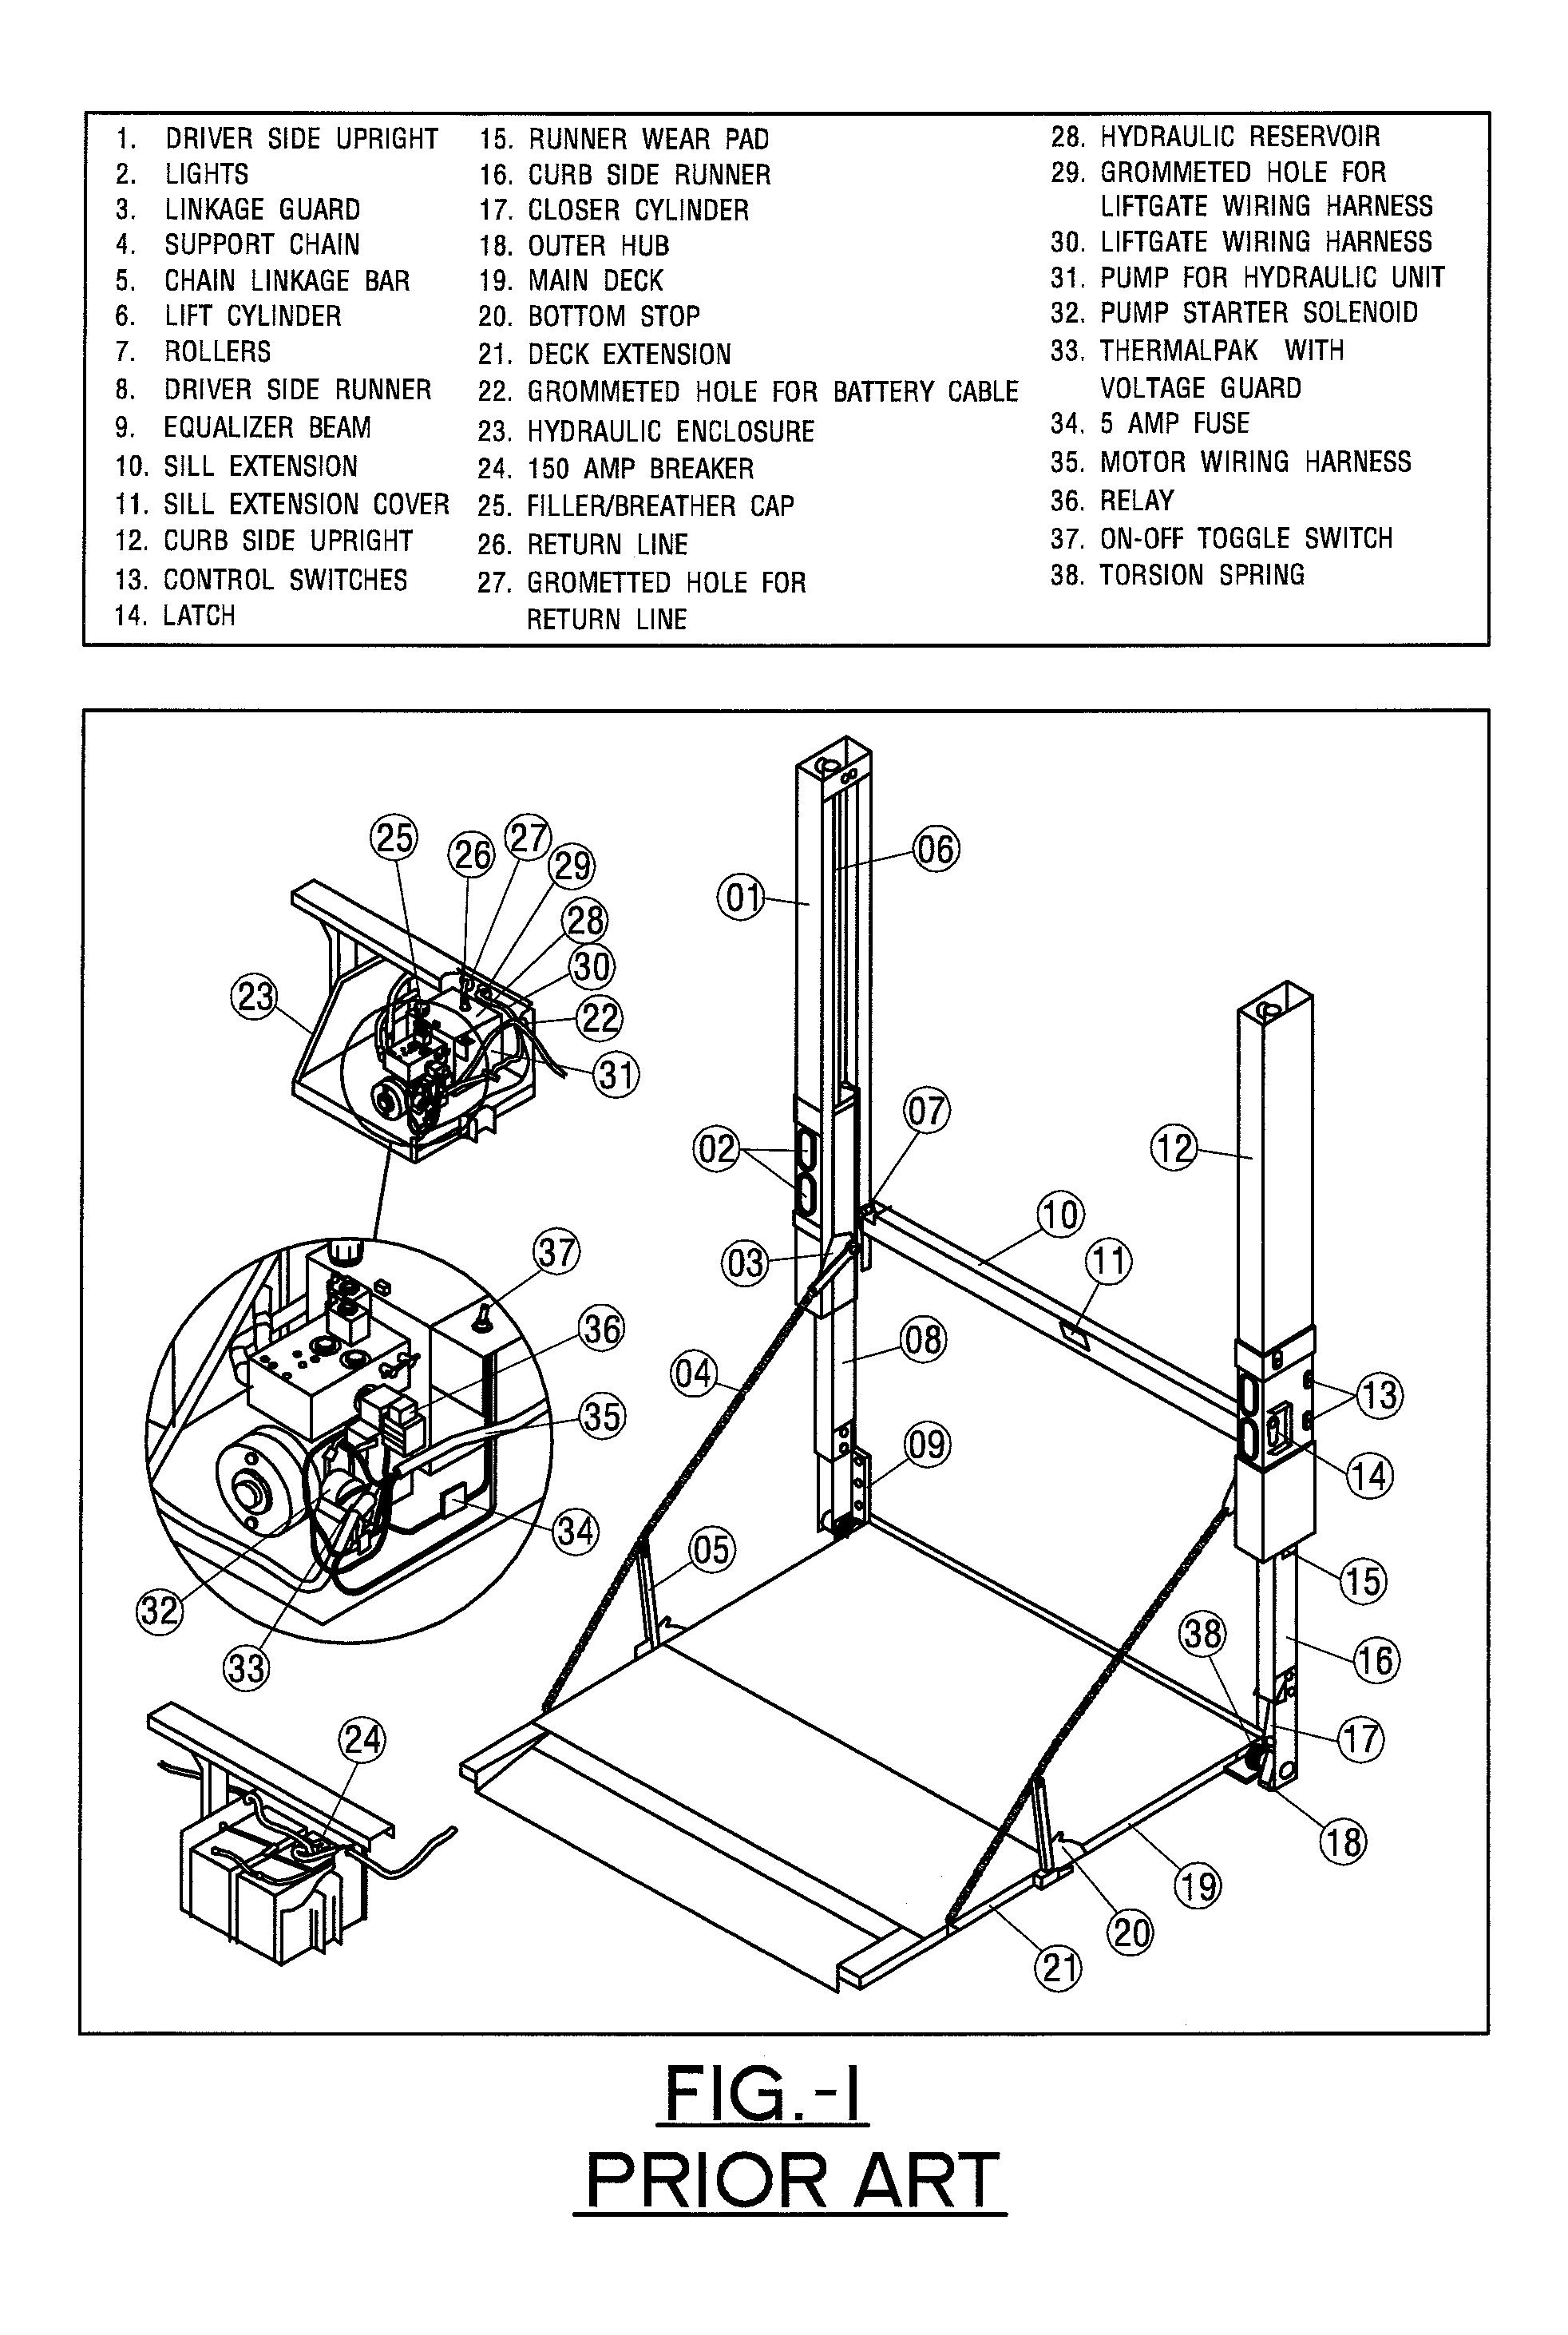 Leyman Liftgate Wiring Diagram Single Pha Motor Walling Wiring – Leyman Liftgate Wiring Diagram